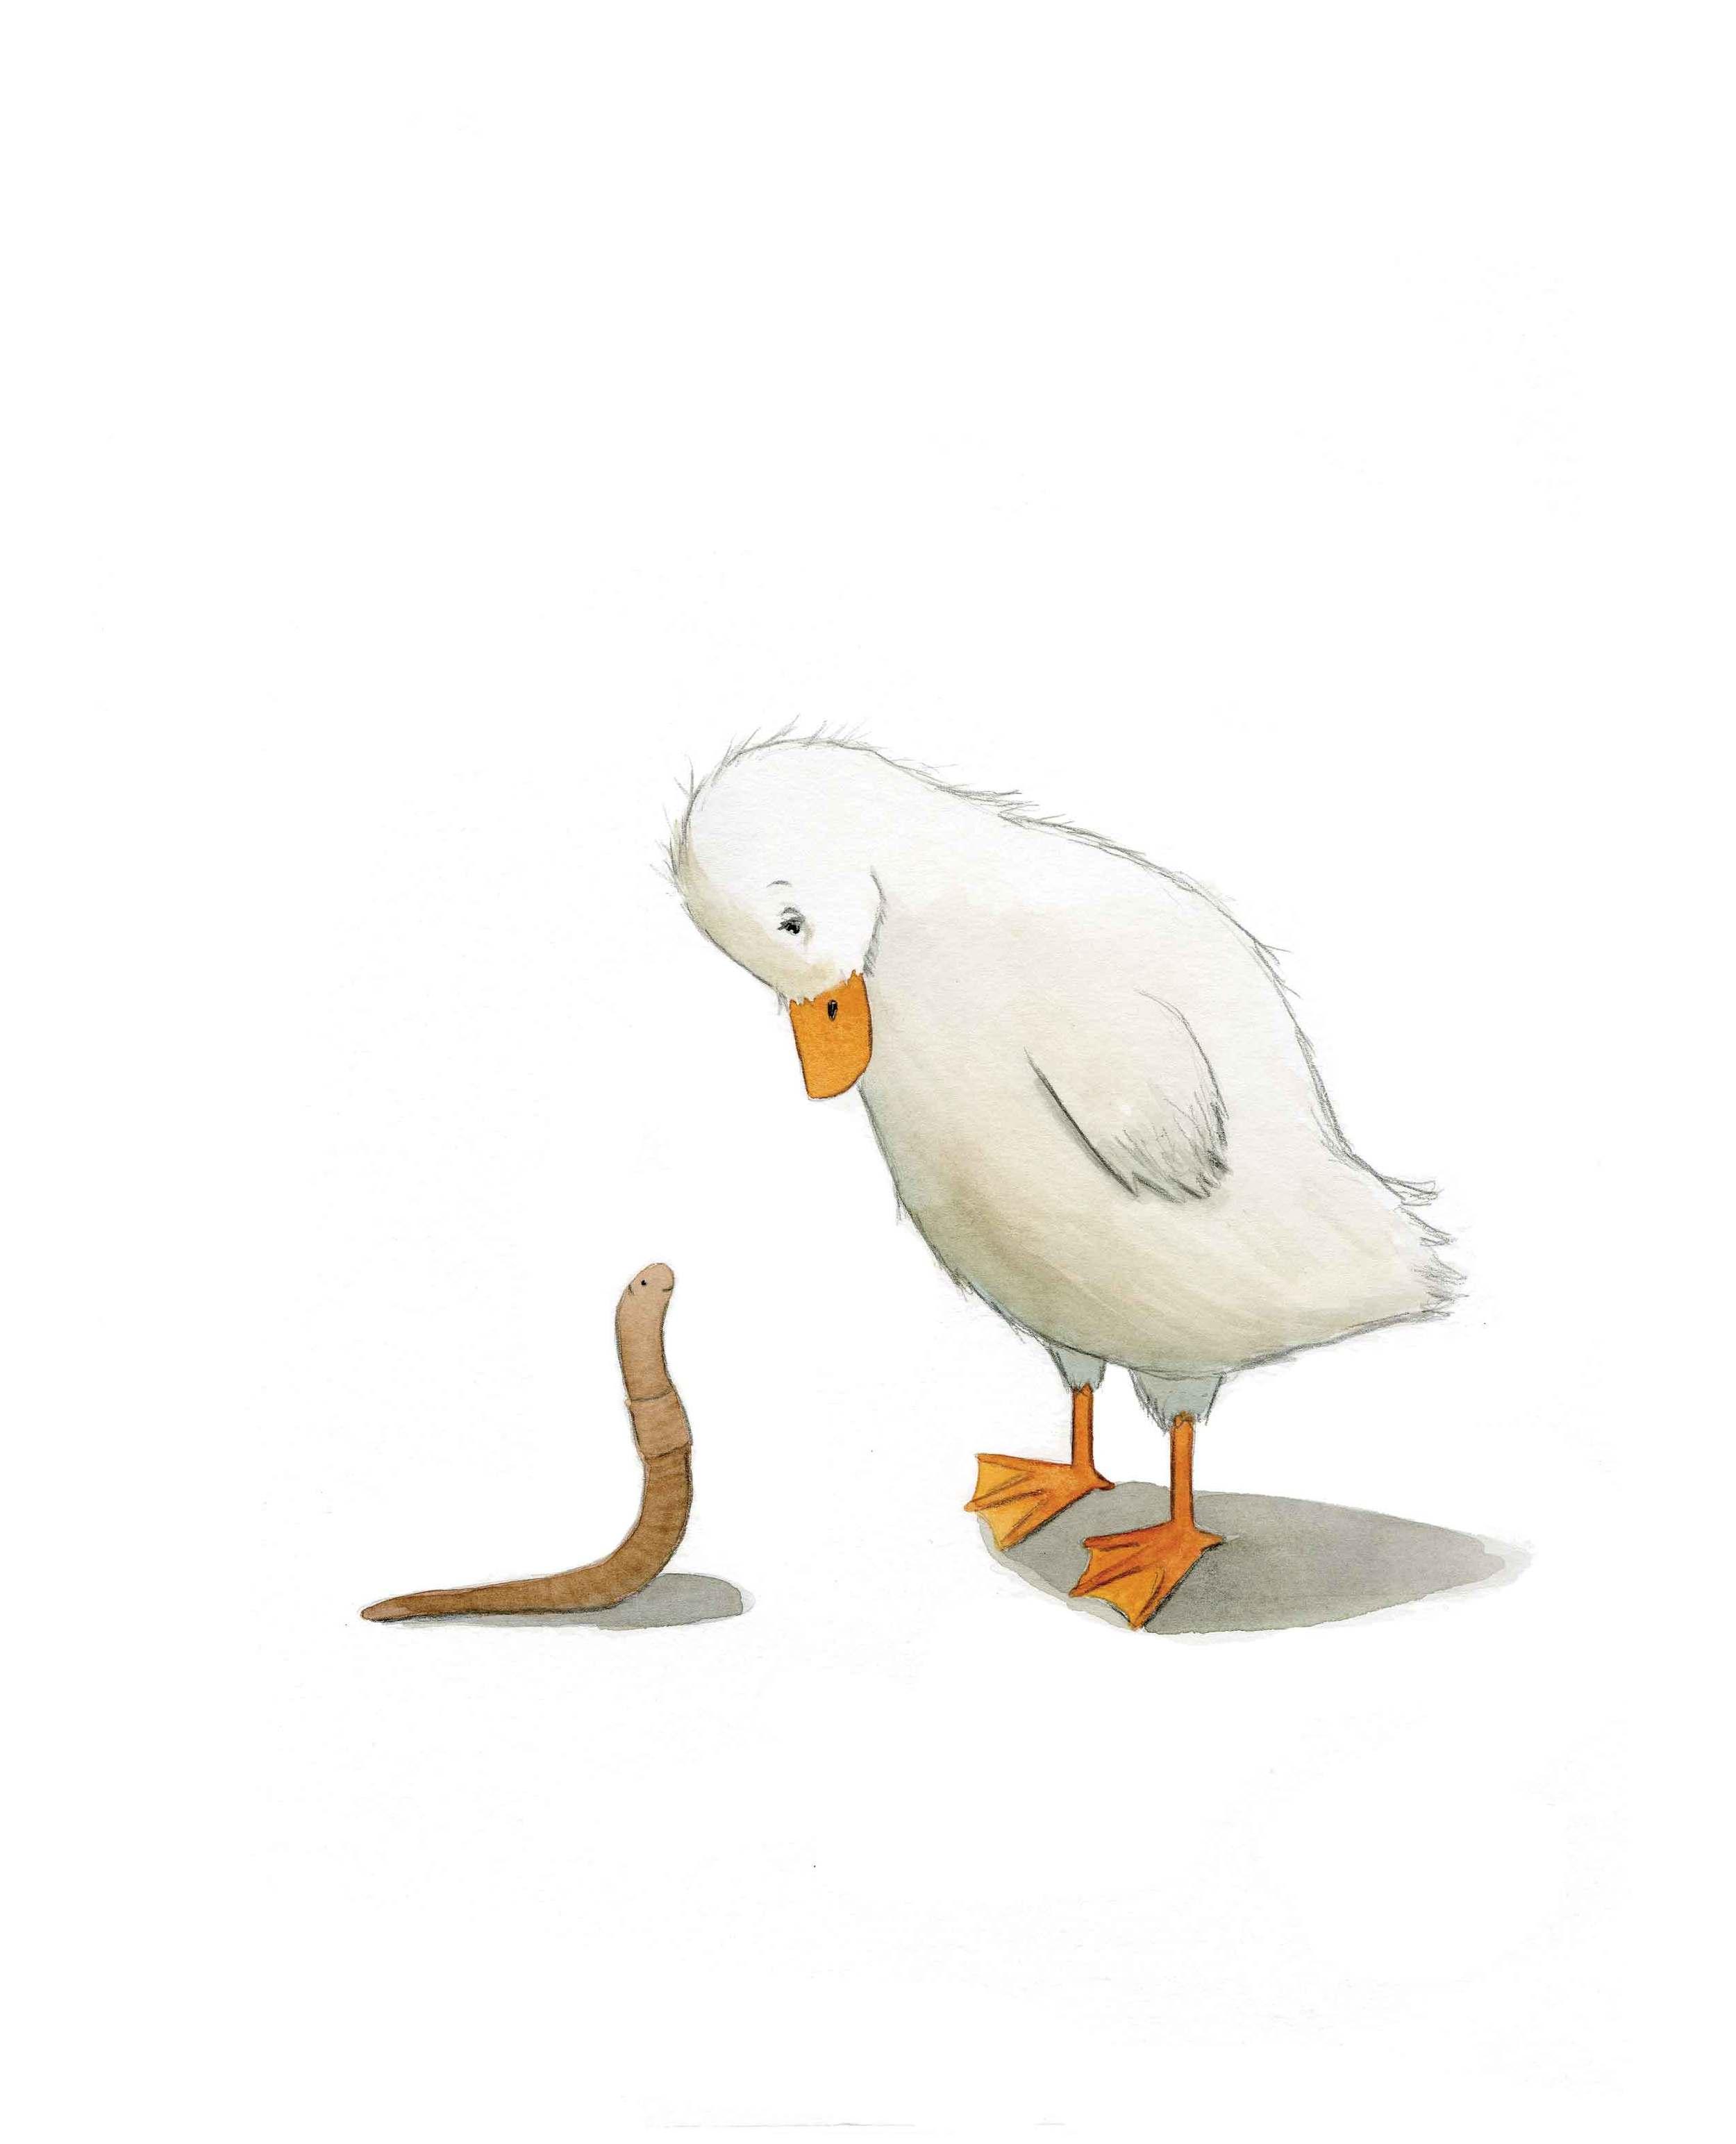 duckandworm.jpg